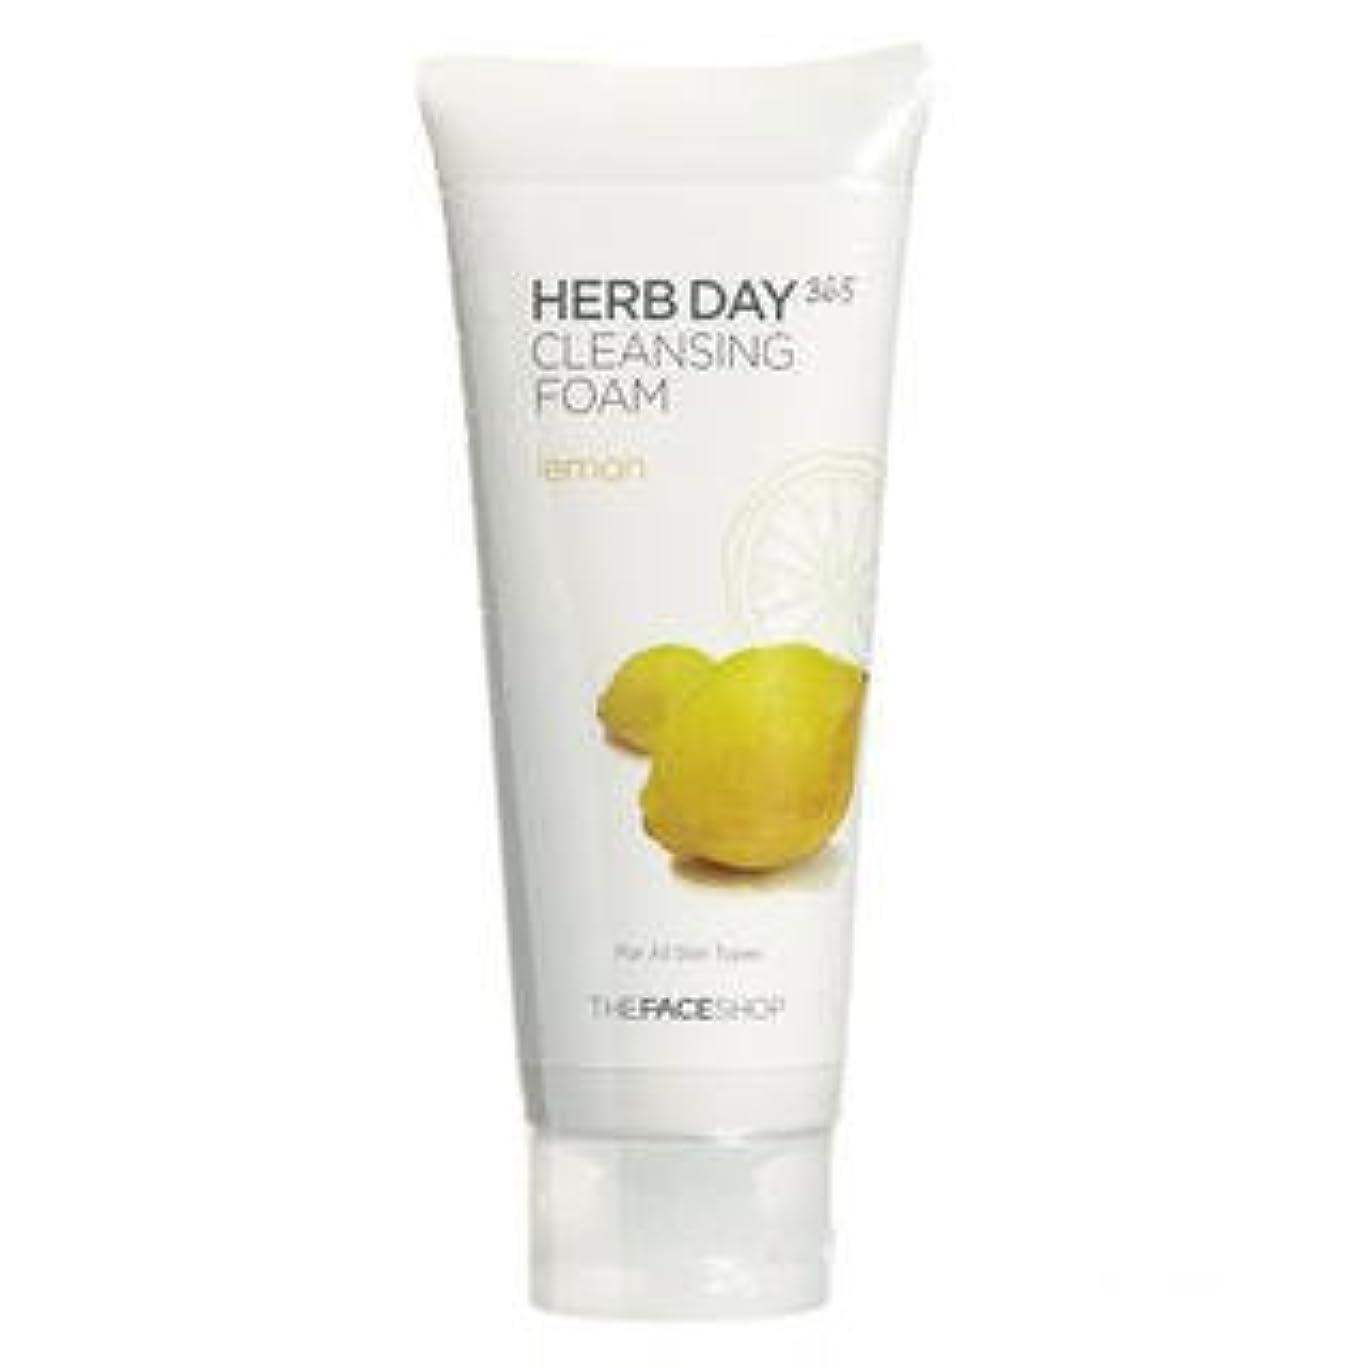 集める航空便入場The Face Shop - Herb Day Cleansing Cleansing Foam (Lemon)170ml /Made in Korea